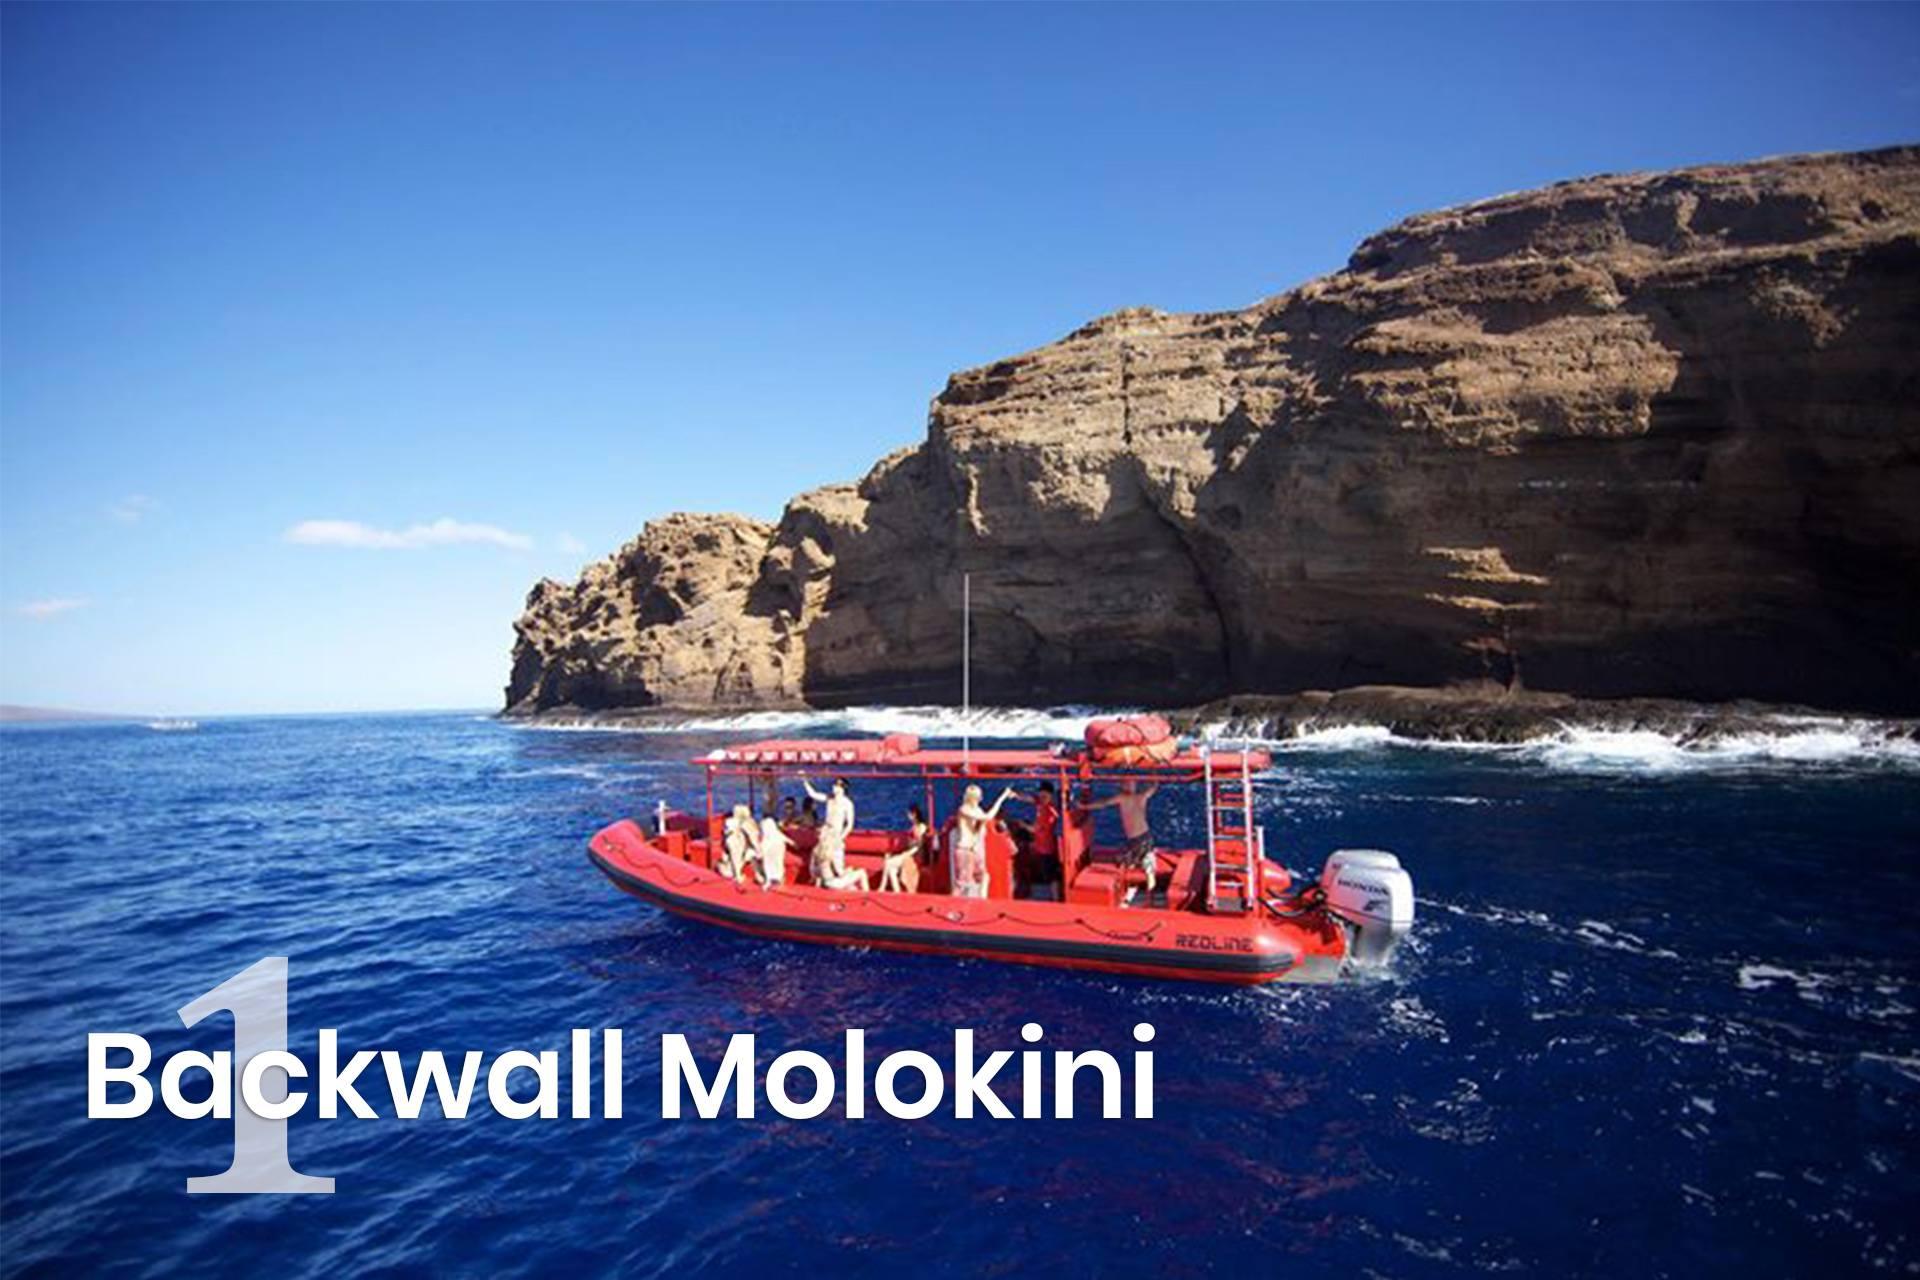 Backwall Molokini